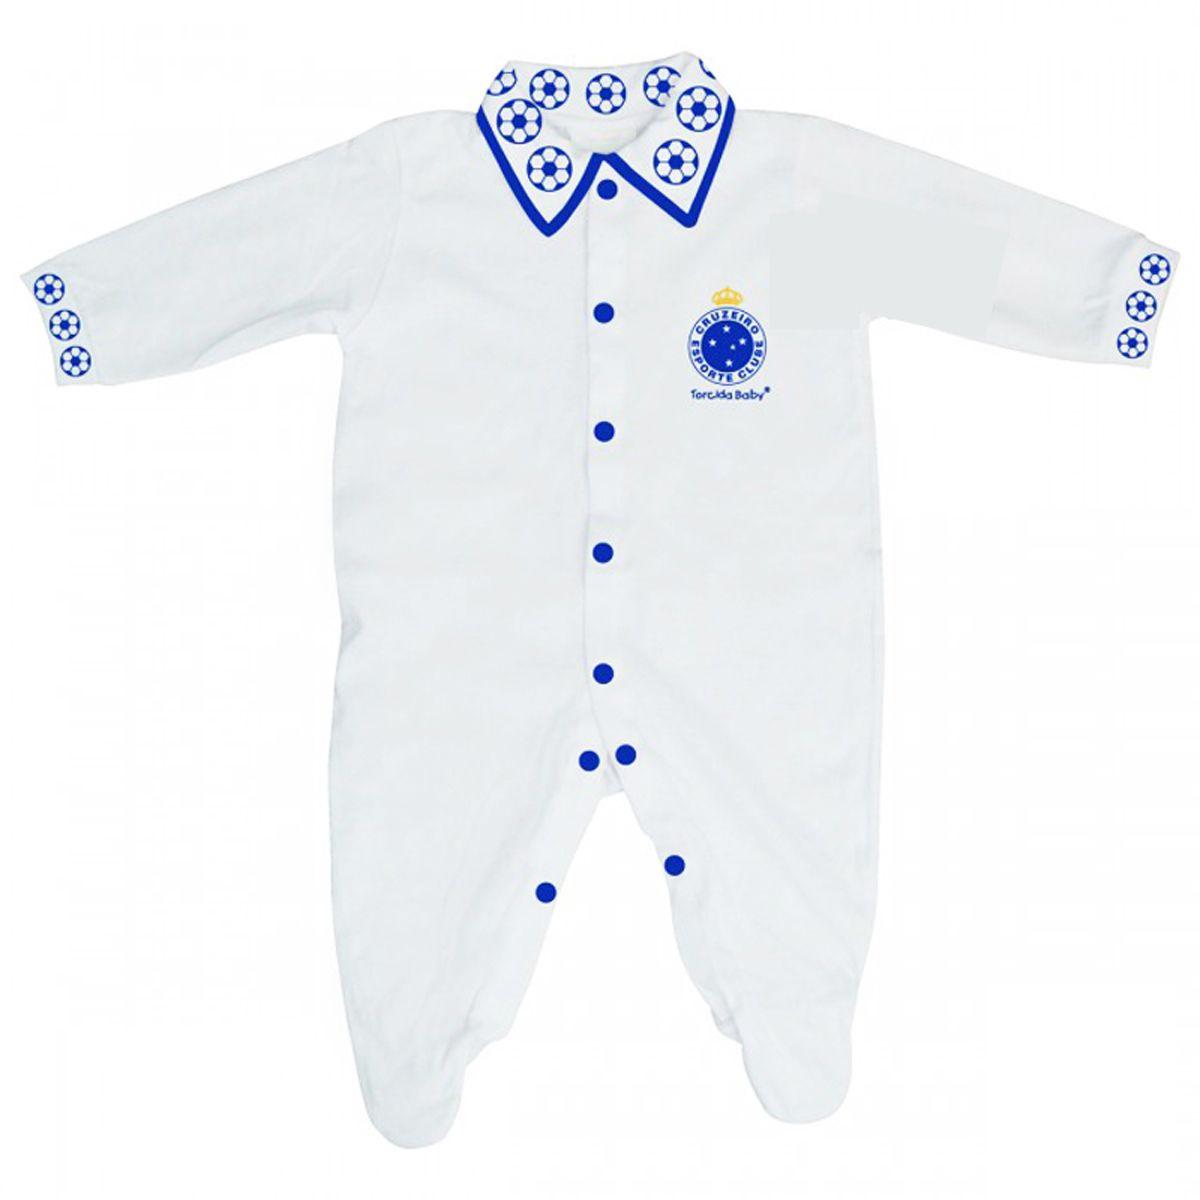 Macacão Longo de Bebê do Cruzeiro - 025